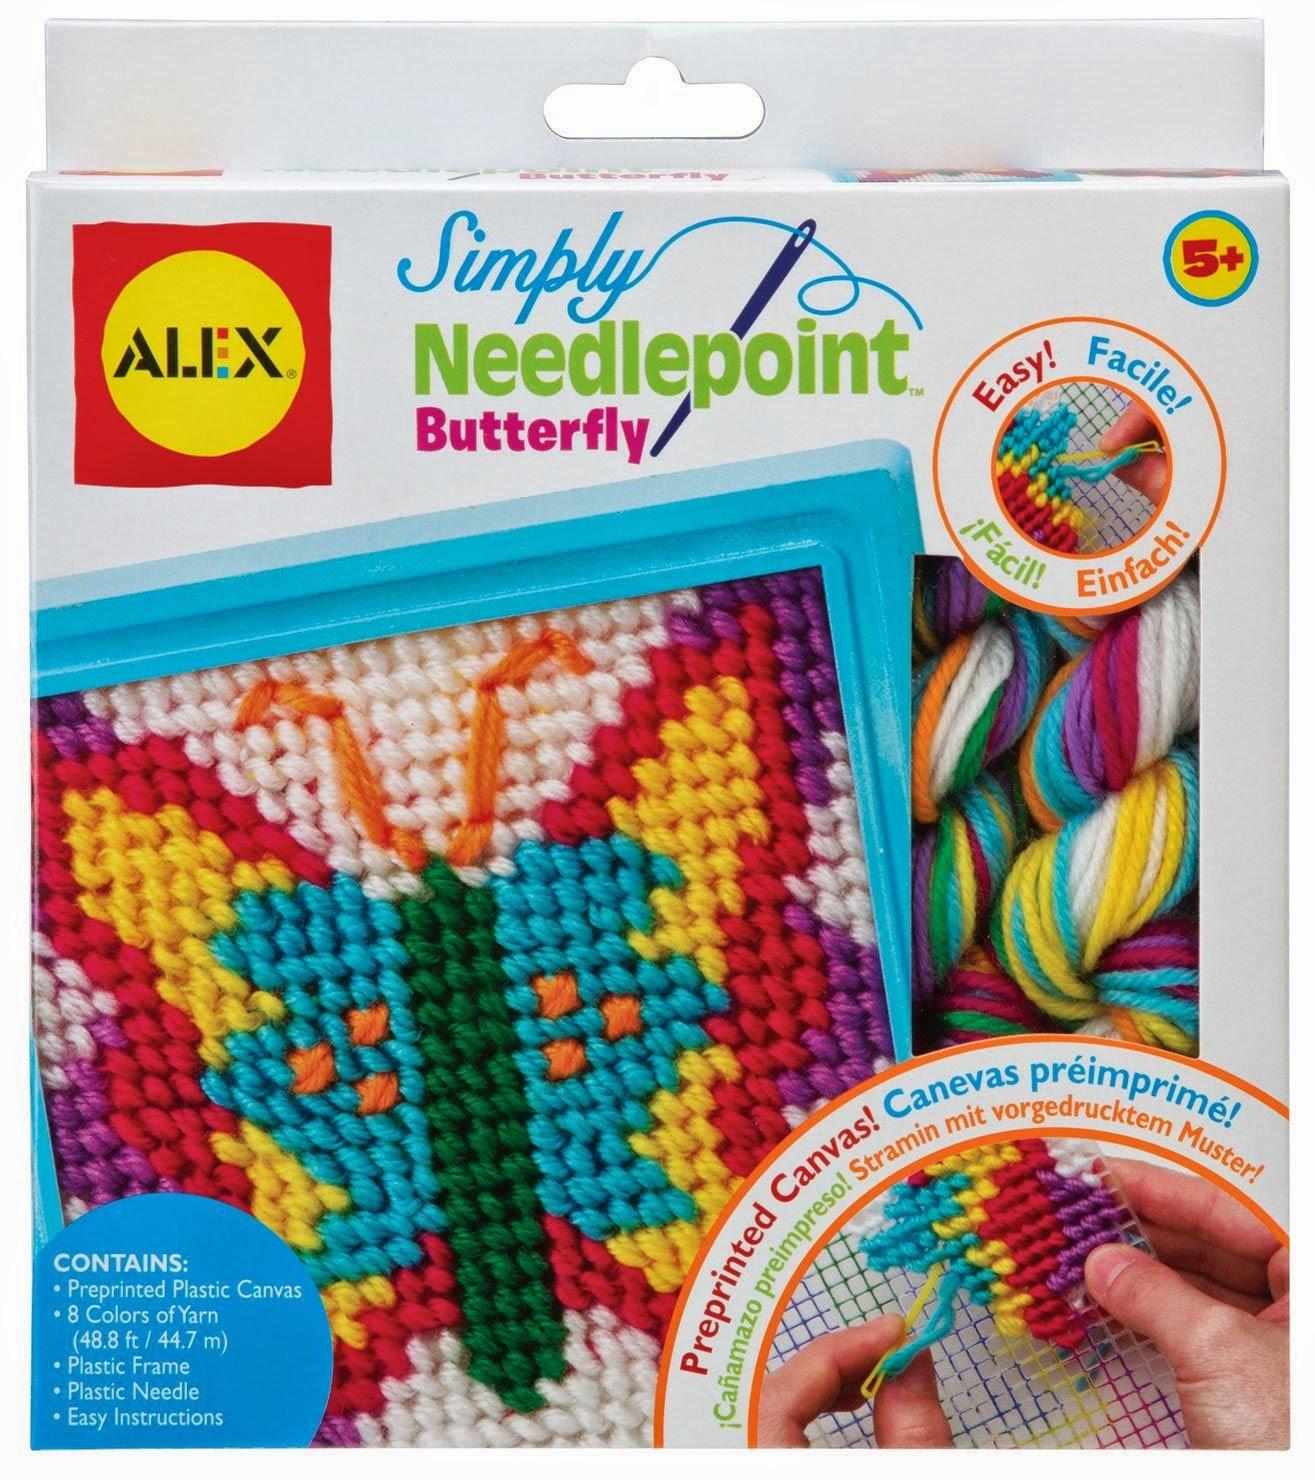 Alex needlepoint butterfly